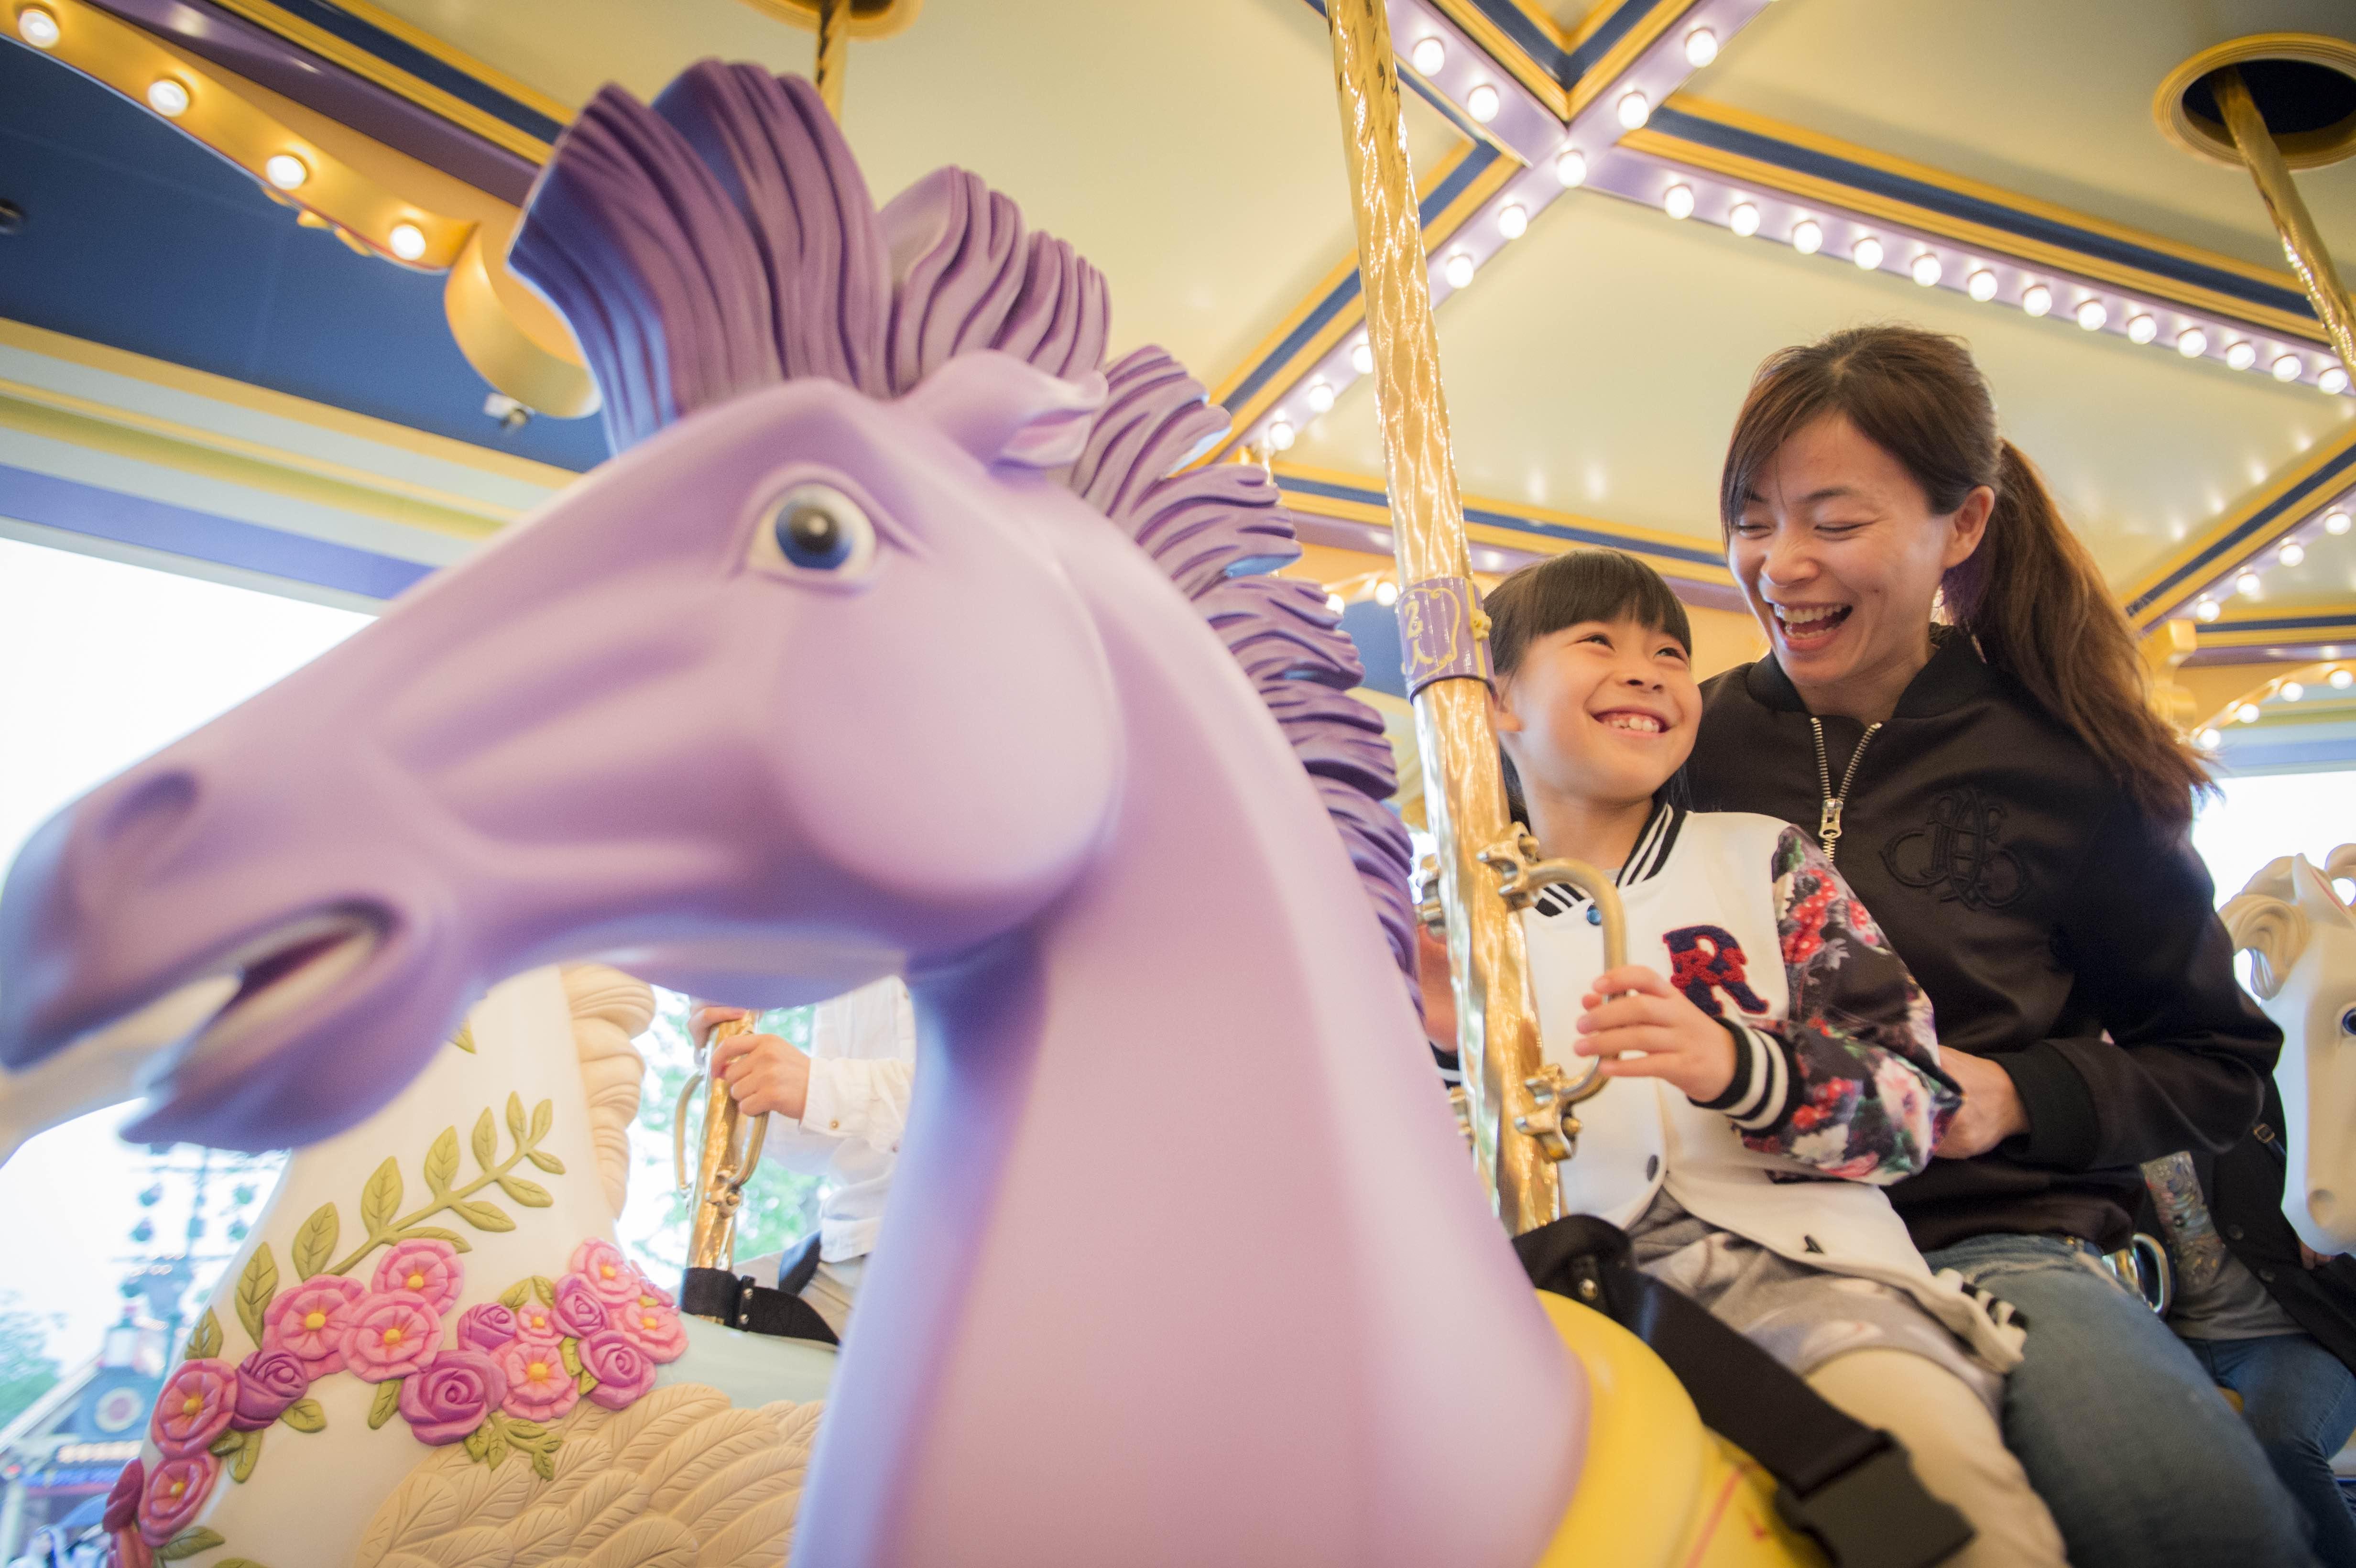 Shanghai Disneyland Day Pass Image